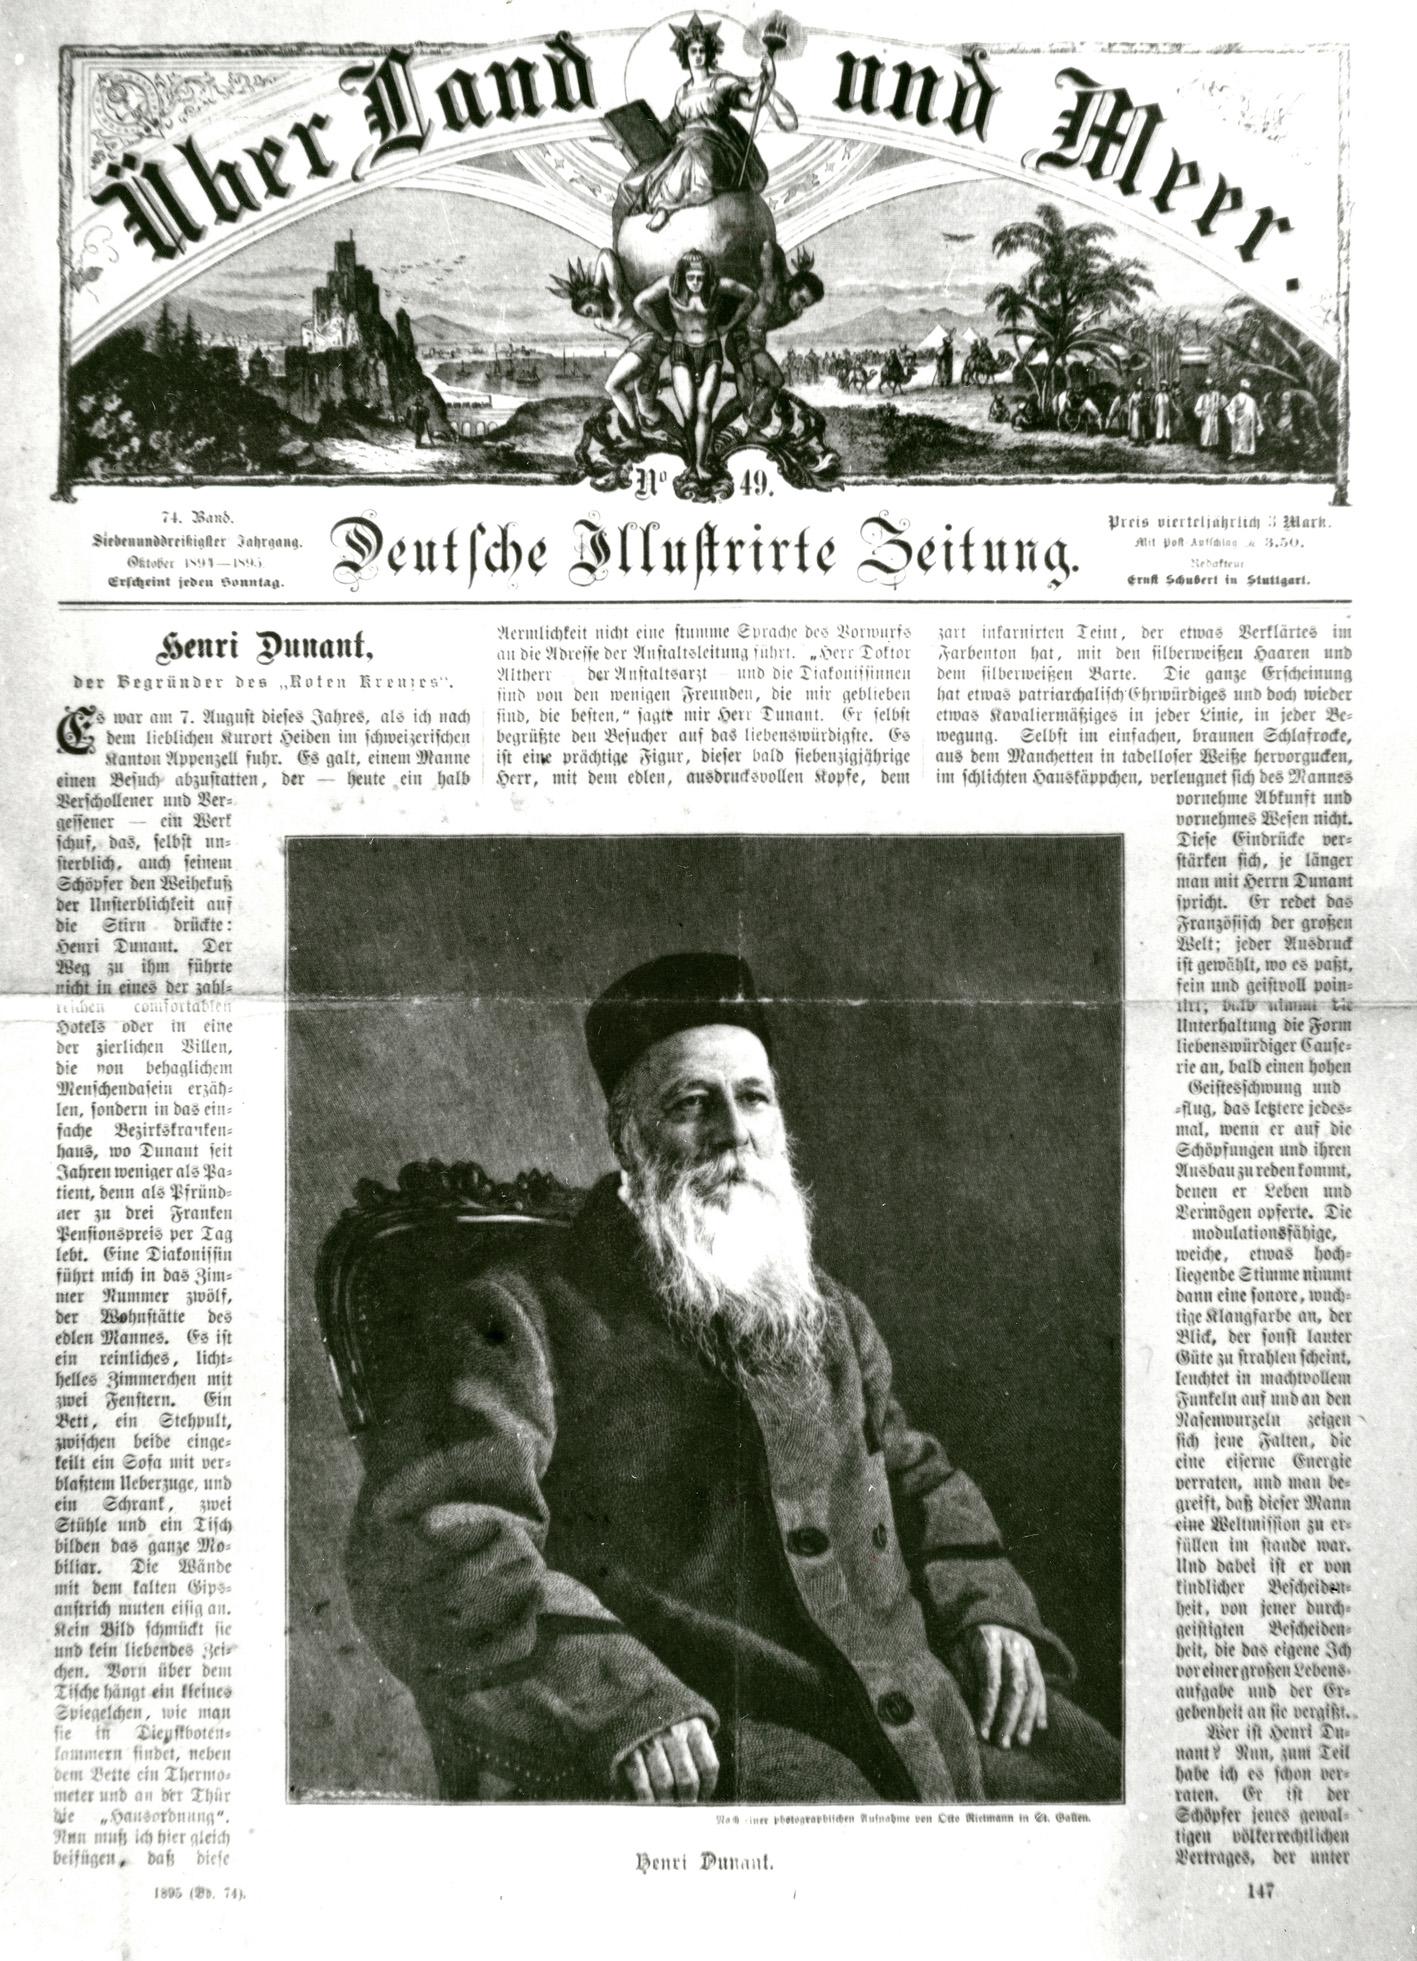 Artikel in der Deutschen Illustrierten Zeitung